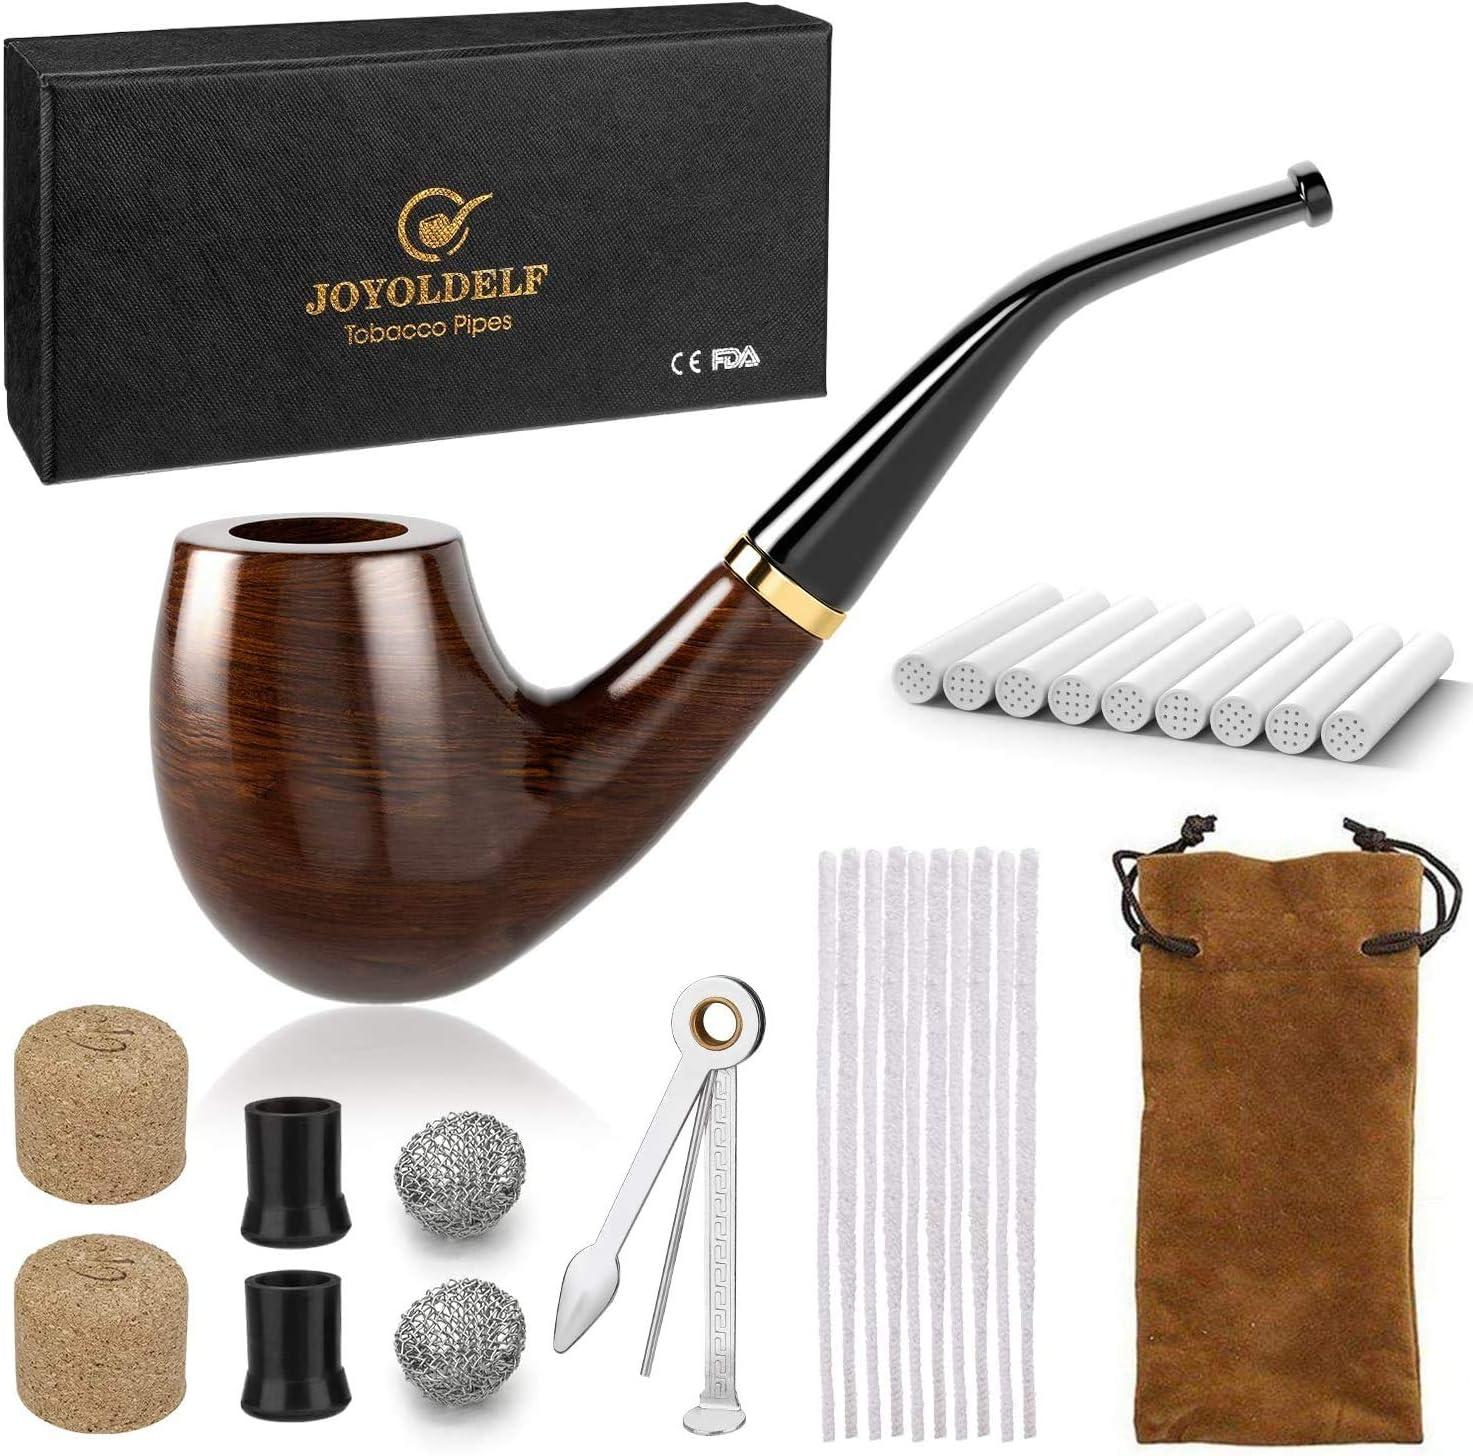 Joyoldelf Pipa de Fumar de Madera del Tabaco, Pipas de Tabaco de Pera con Limpiadores de Pipa, Filtros de Pipa de 9 mm, Espátula de Pipa 3 en 1, Con Bolsillo de Pipa y Caja de Regalo